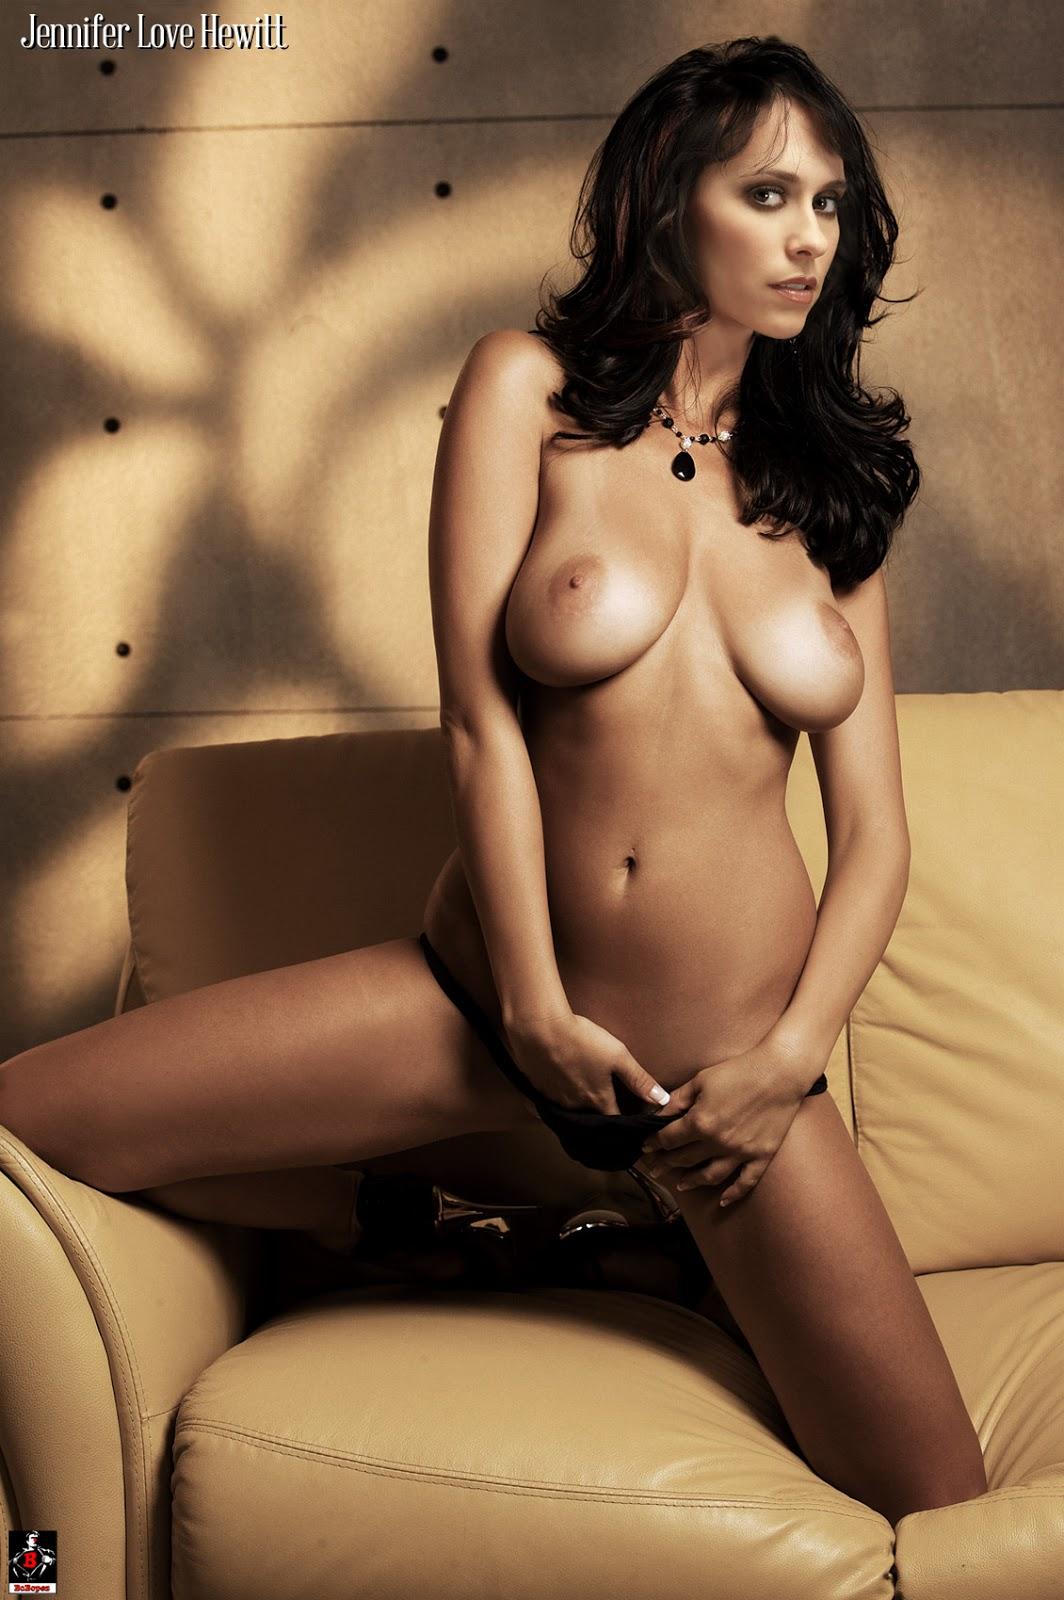 Wwe diva mickie james nude